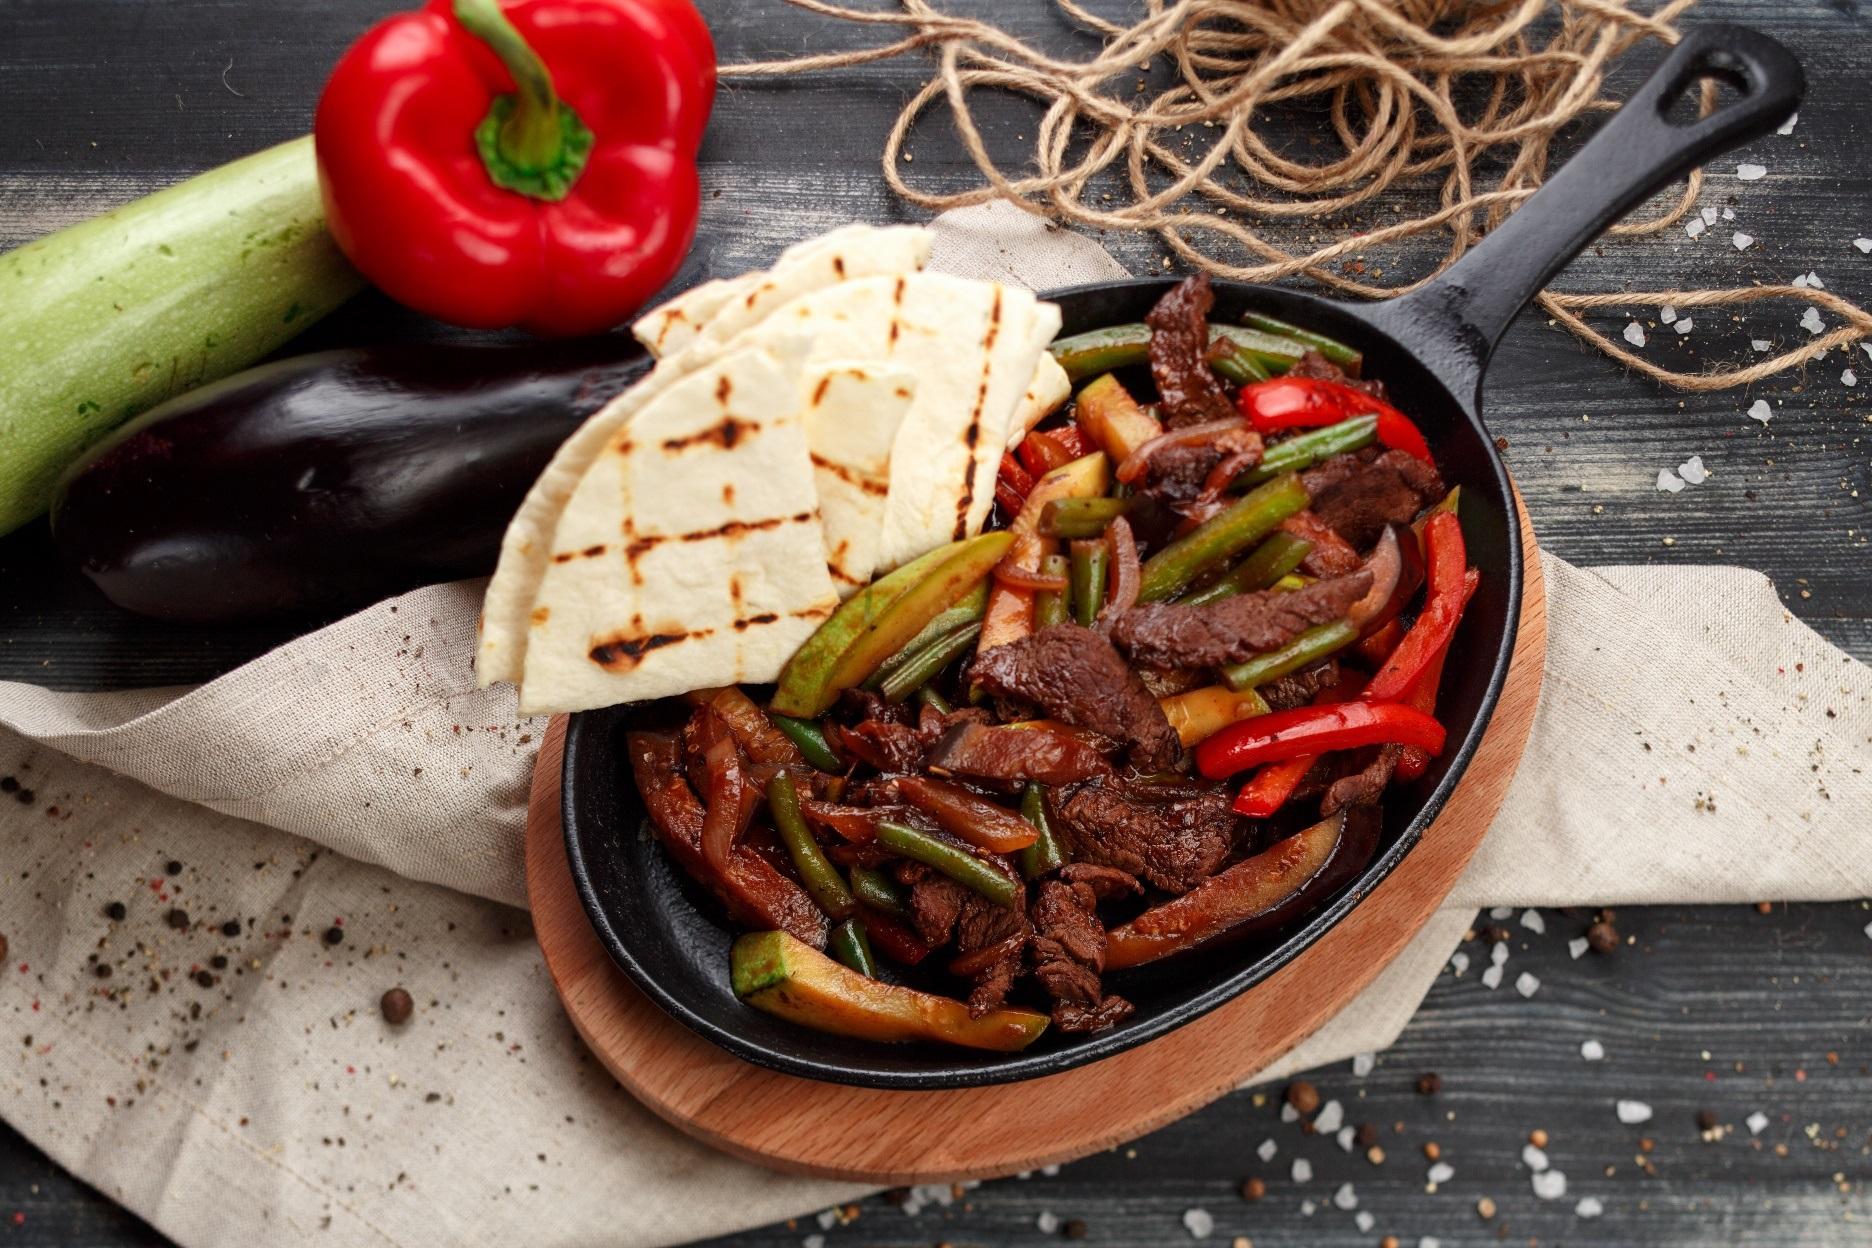 Viva La Mexico! Популярные мексиканские блюда, которые можно приготовить дома. Мексиканский фахитос